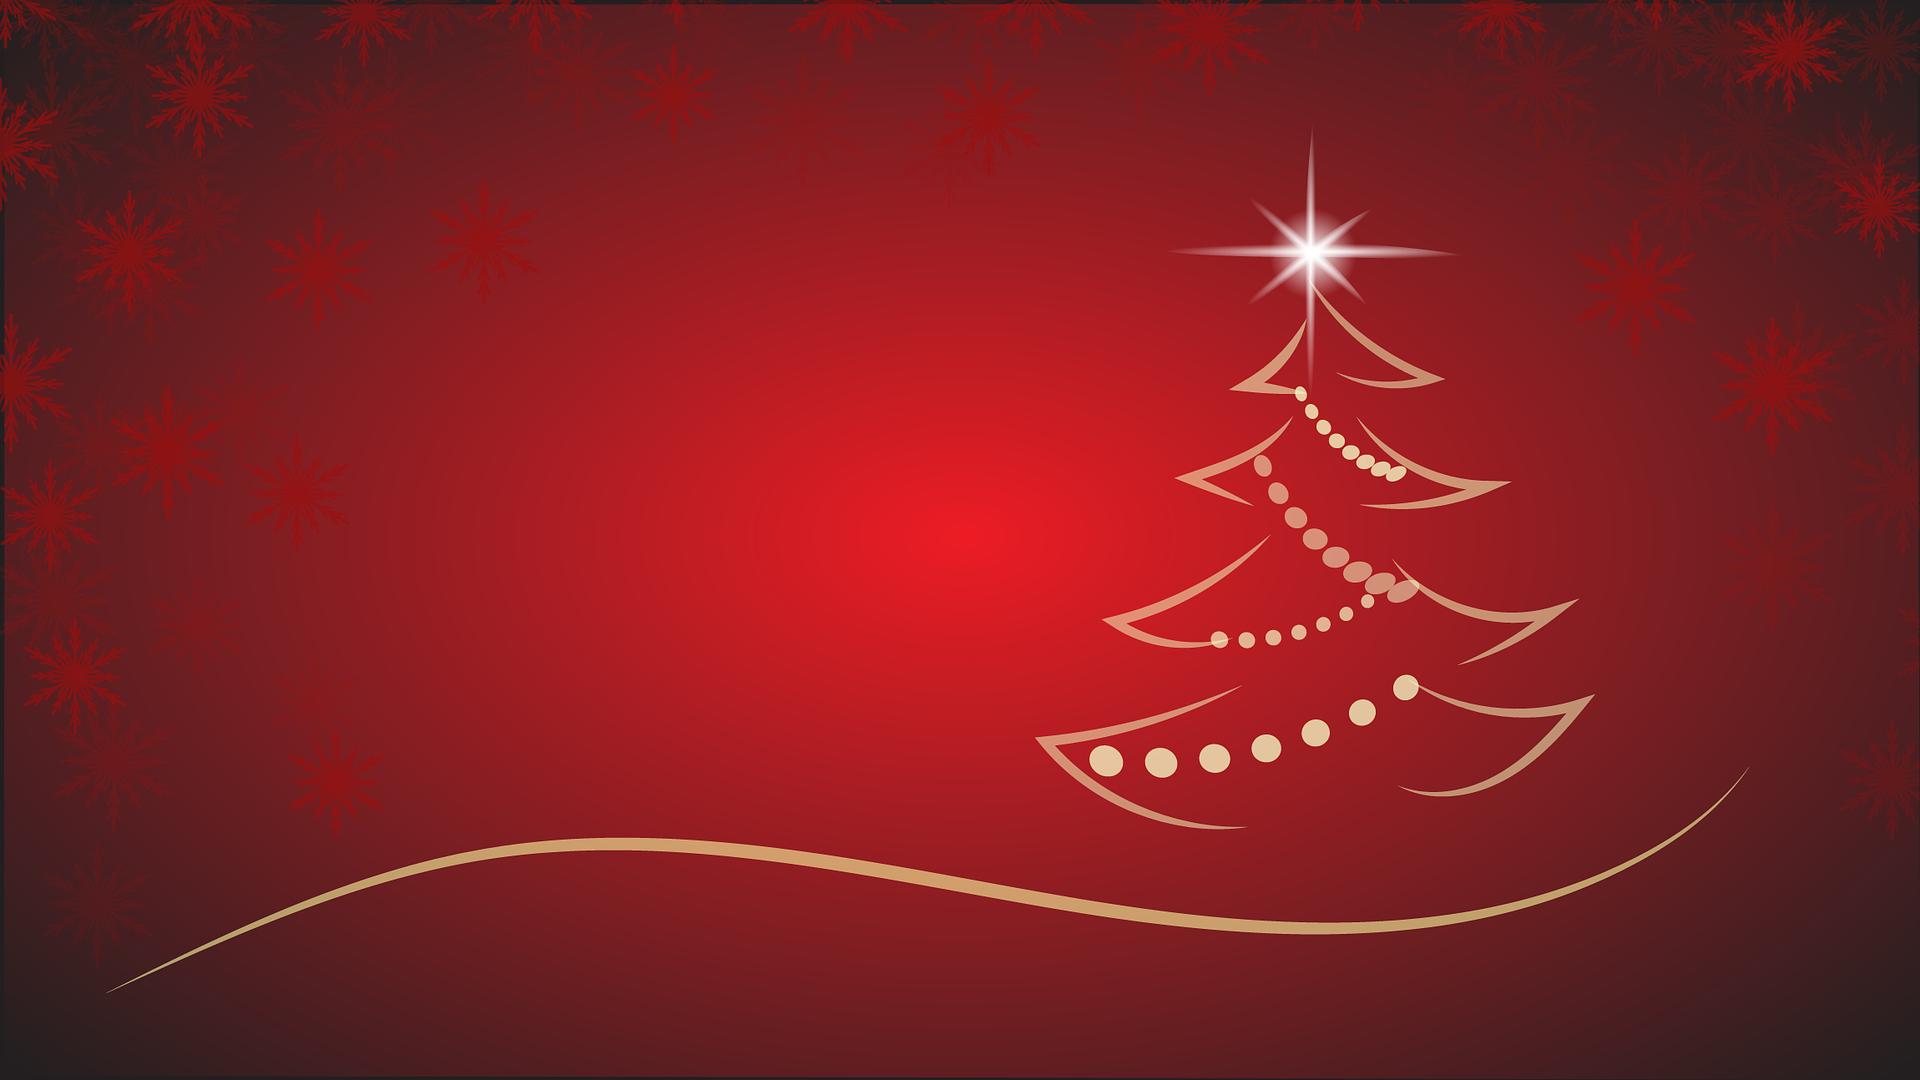 Weihnachtsgrüße Und Einen Guten Rutsch